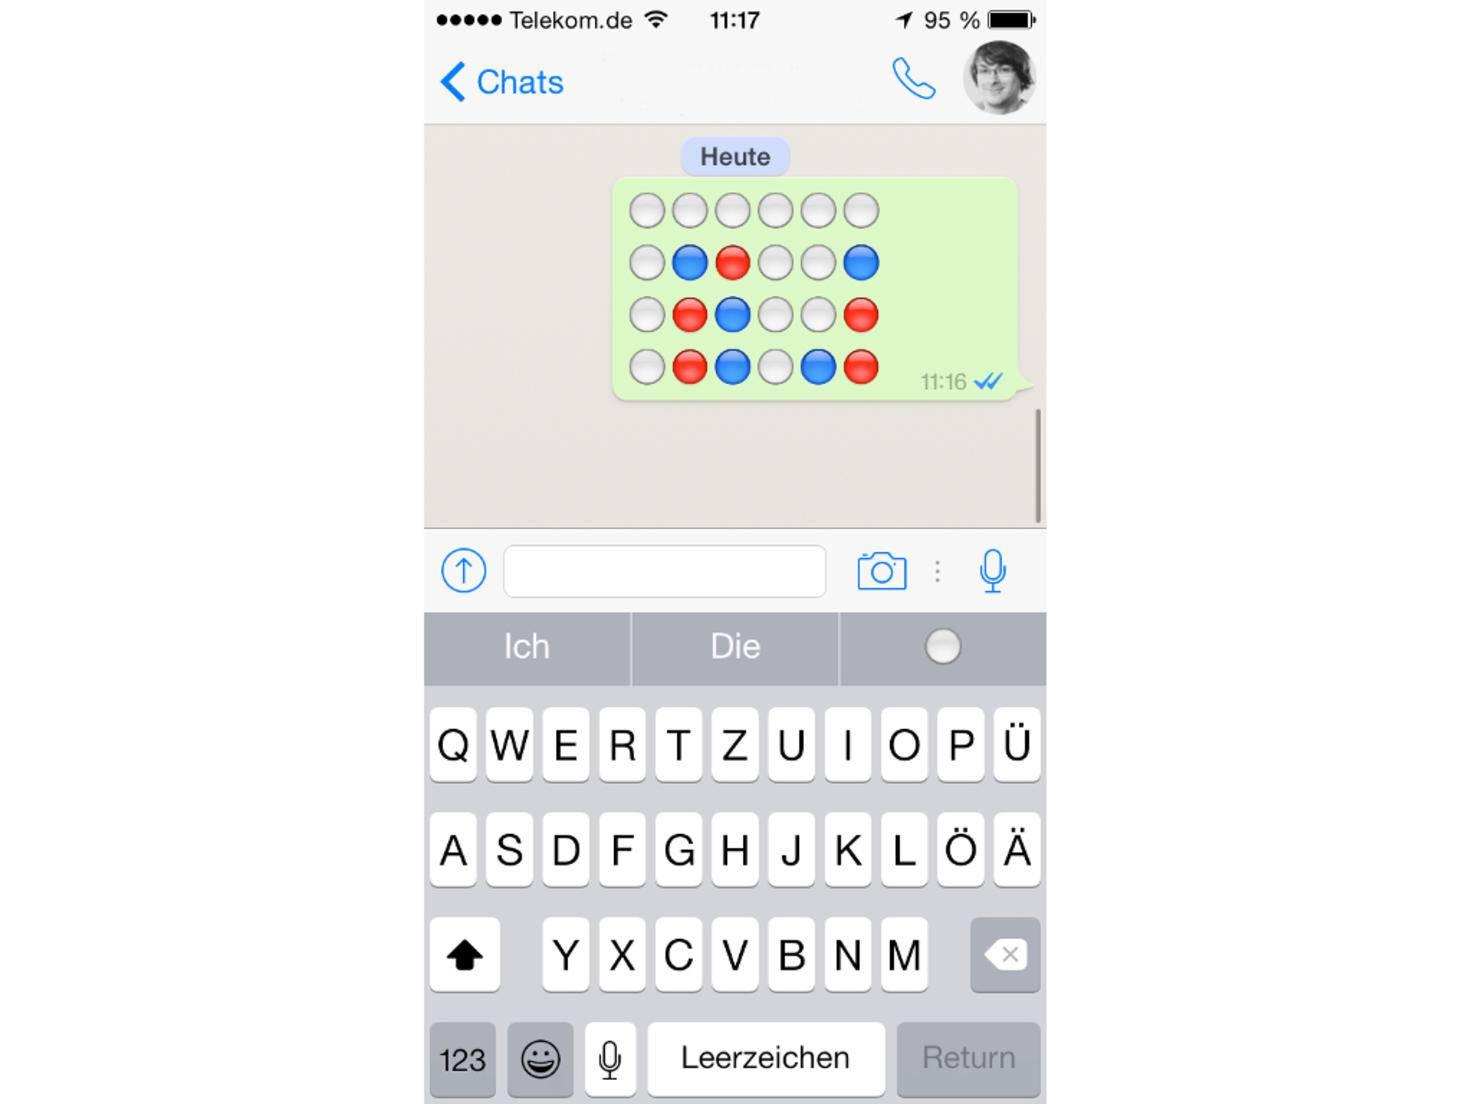 Freundschaftstest Whatsapp Kettenbriefe Zum Ausfüllen